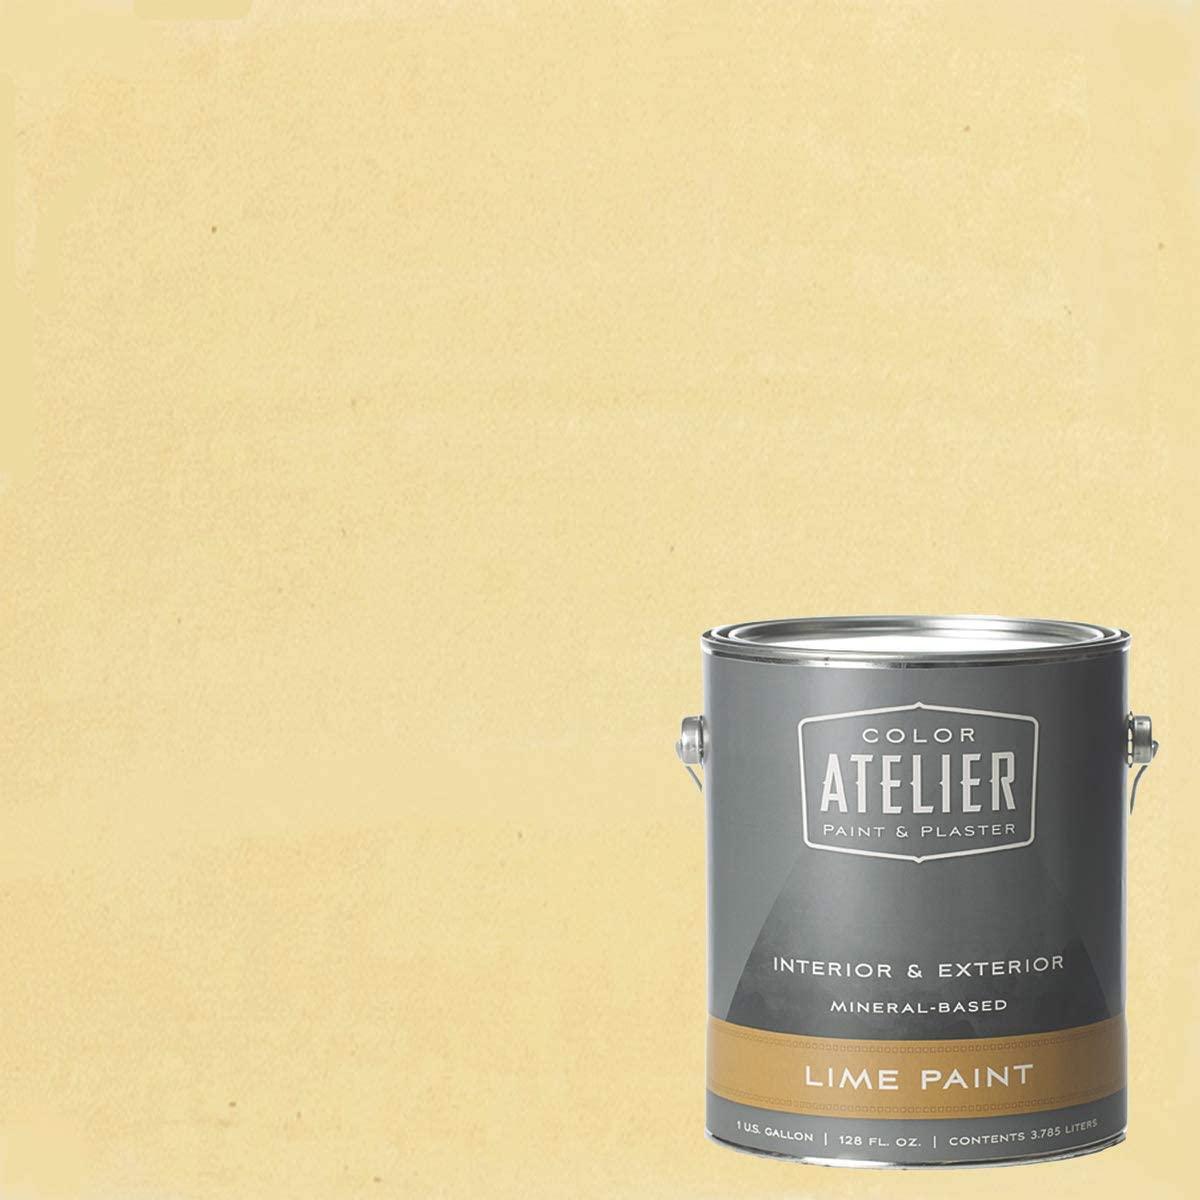 Color Atelier Lime Paint (1 Gallon, Light Custard)